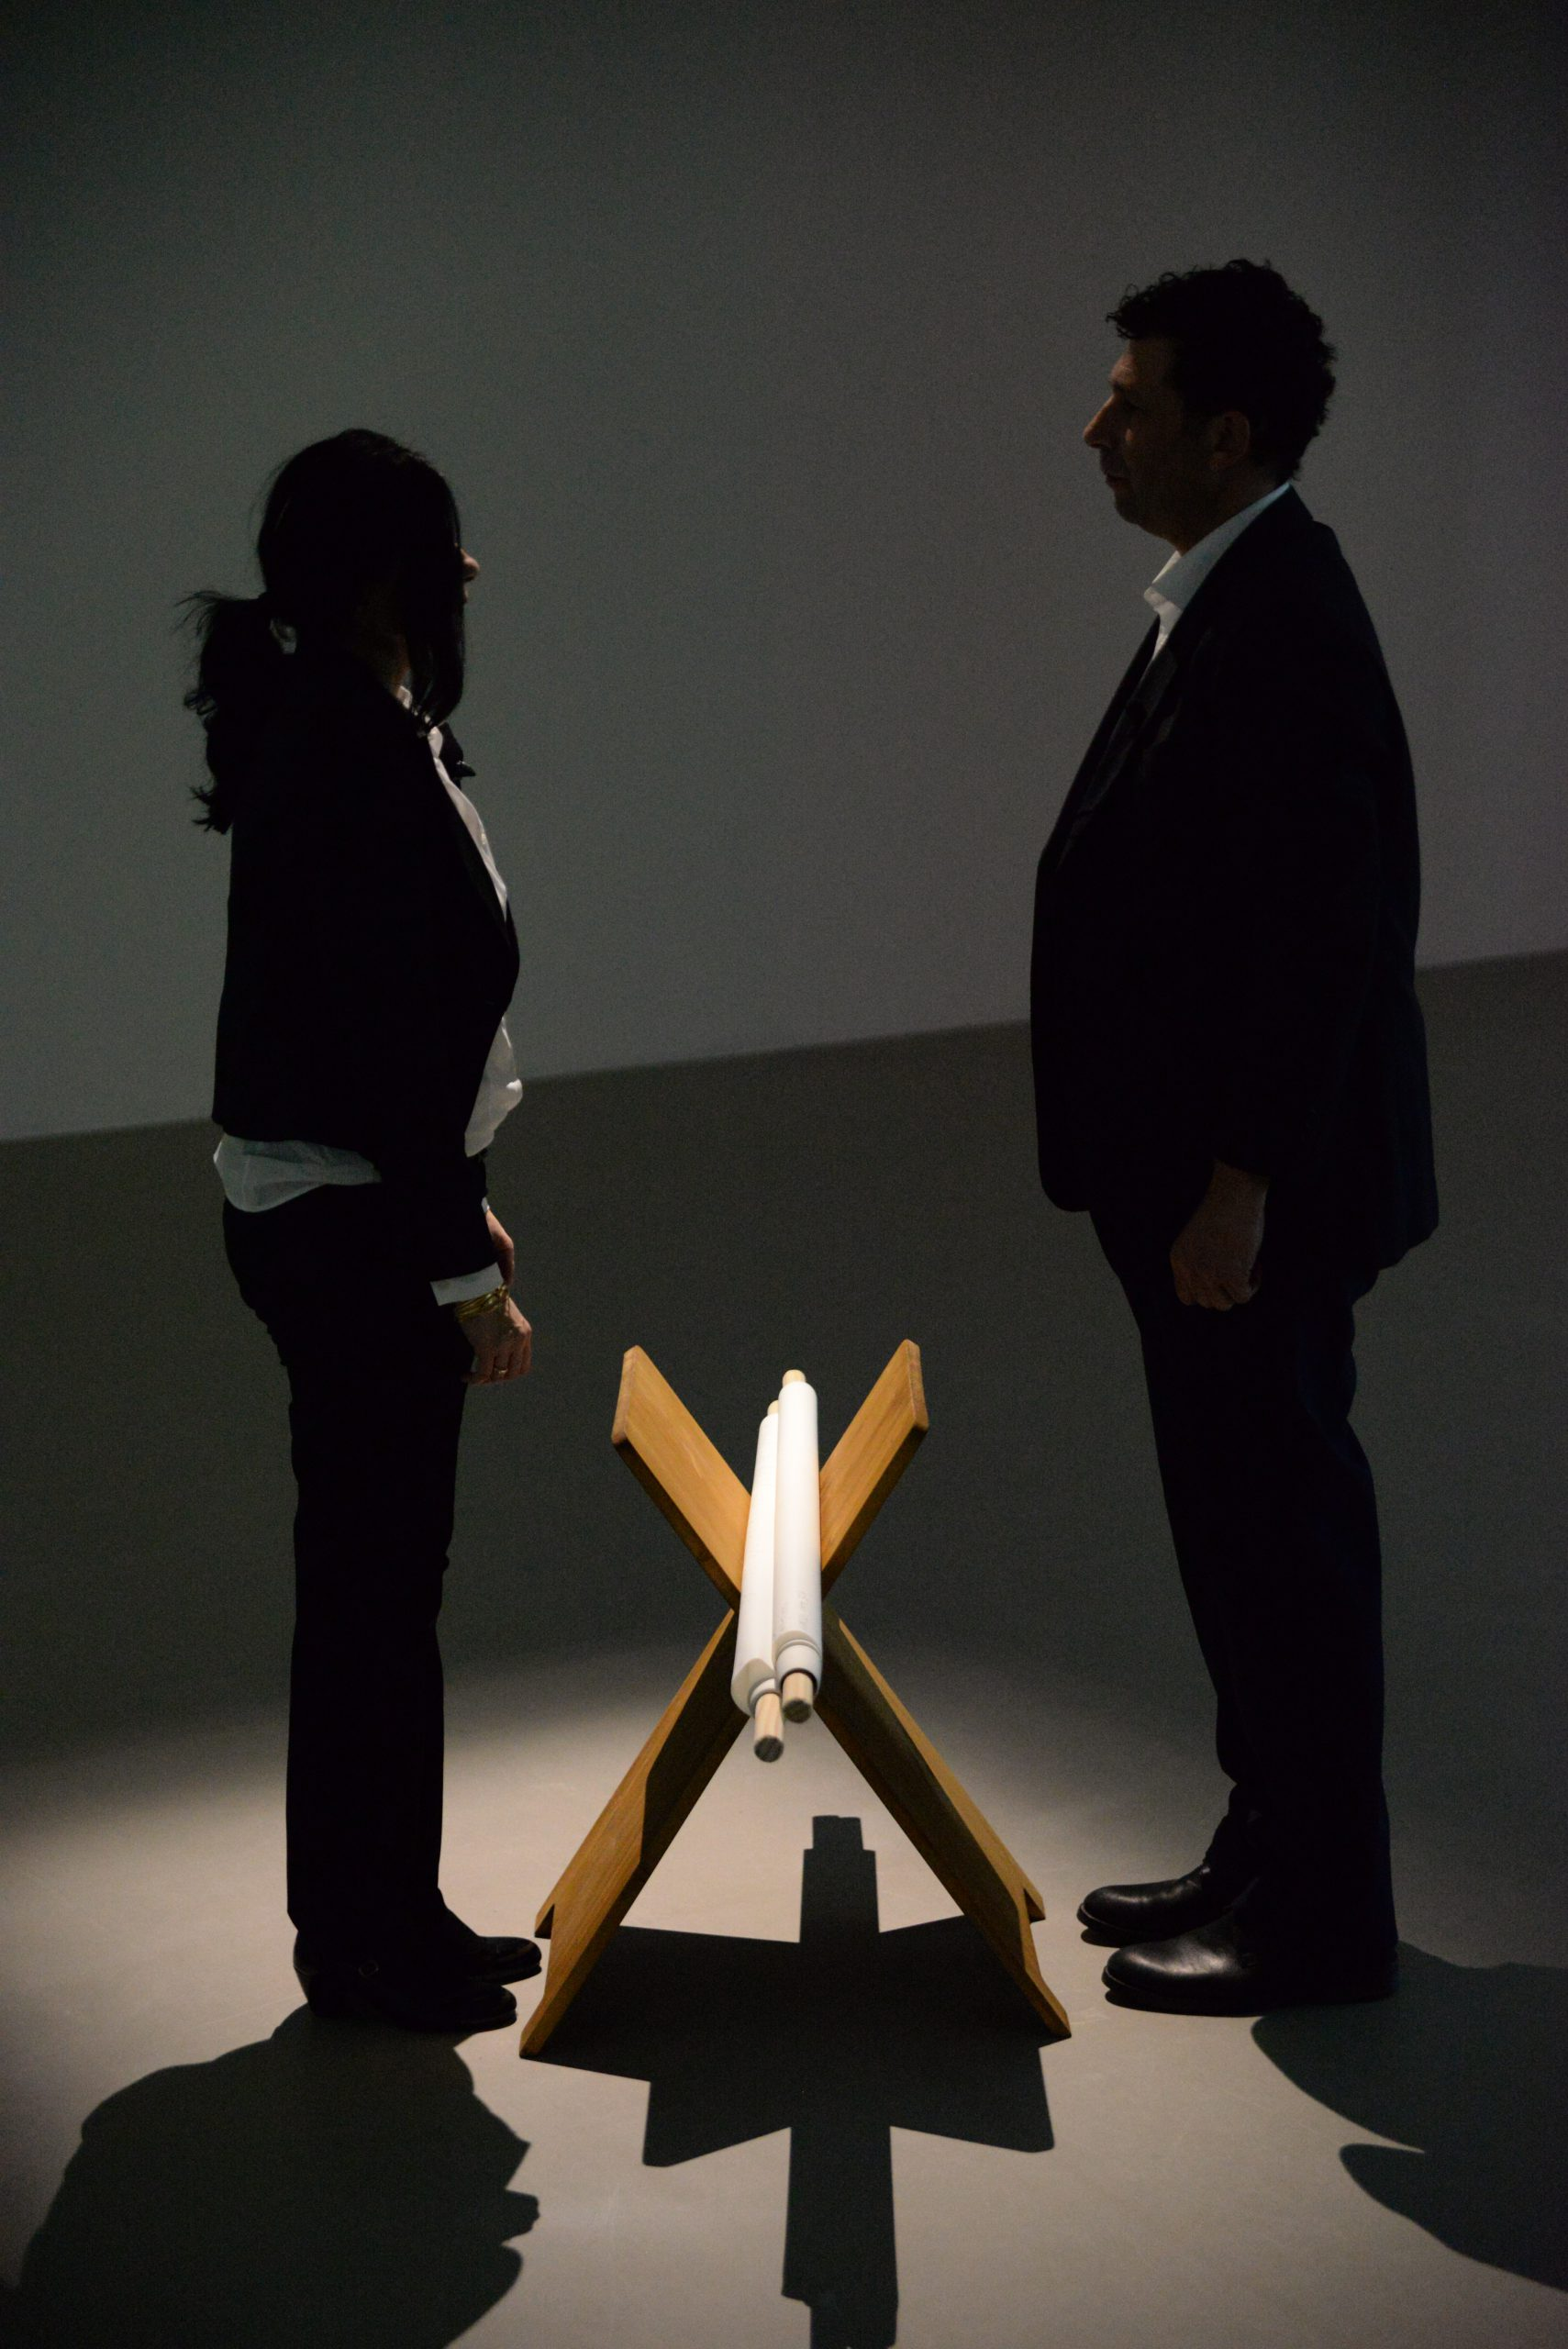 Nezaket Ekici and Shahar Marcus, Merge,  Performance 2020, Nezaket Ekici and Shahar Marcus, TBQ, Städtische Galerie Nordhorn 21.2.-10.5.2020, Performance 21.2.2020, Photos: Thomas Niemeyer, Nele, Nezaket Ekici, Camera: Thomas Niemeyer